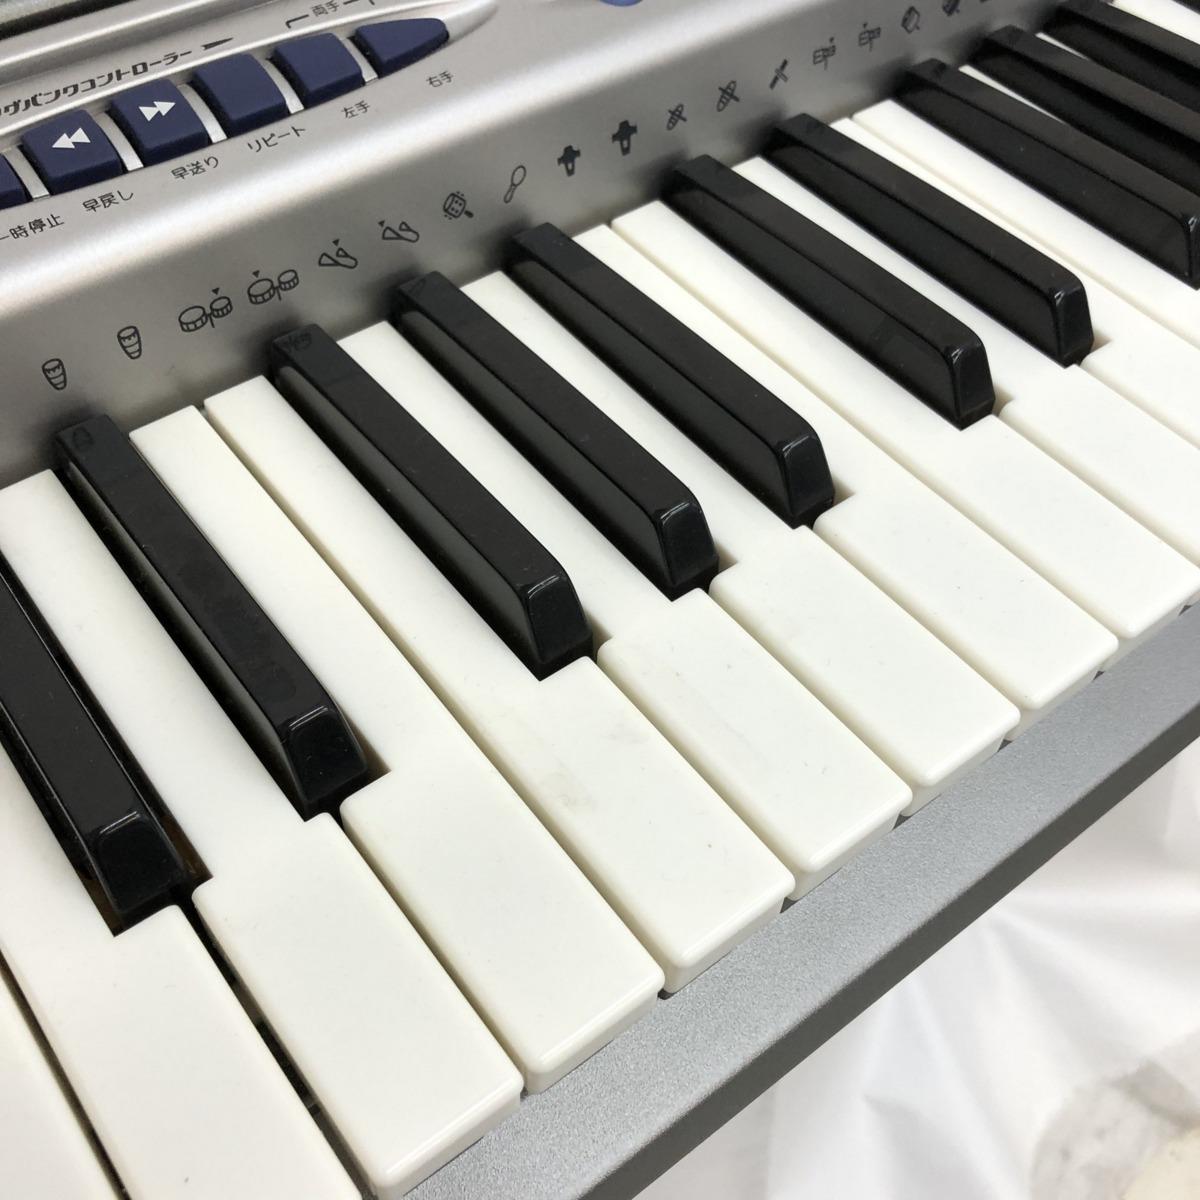 CASIO カシオ 電子キーボード LK-150 光ナビゲーション 61鍵盤 シルバー ブルー 電子ピアノ 鍵盤楽器 アダプター付き H15211_画像2